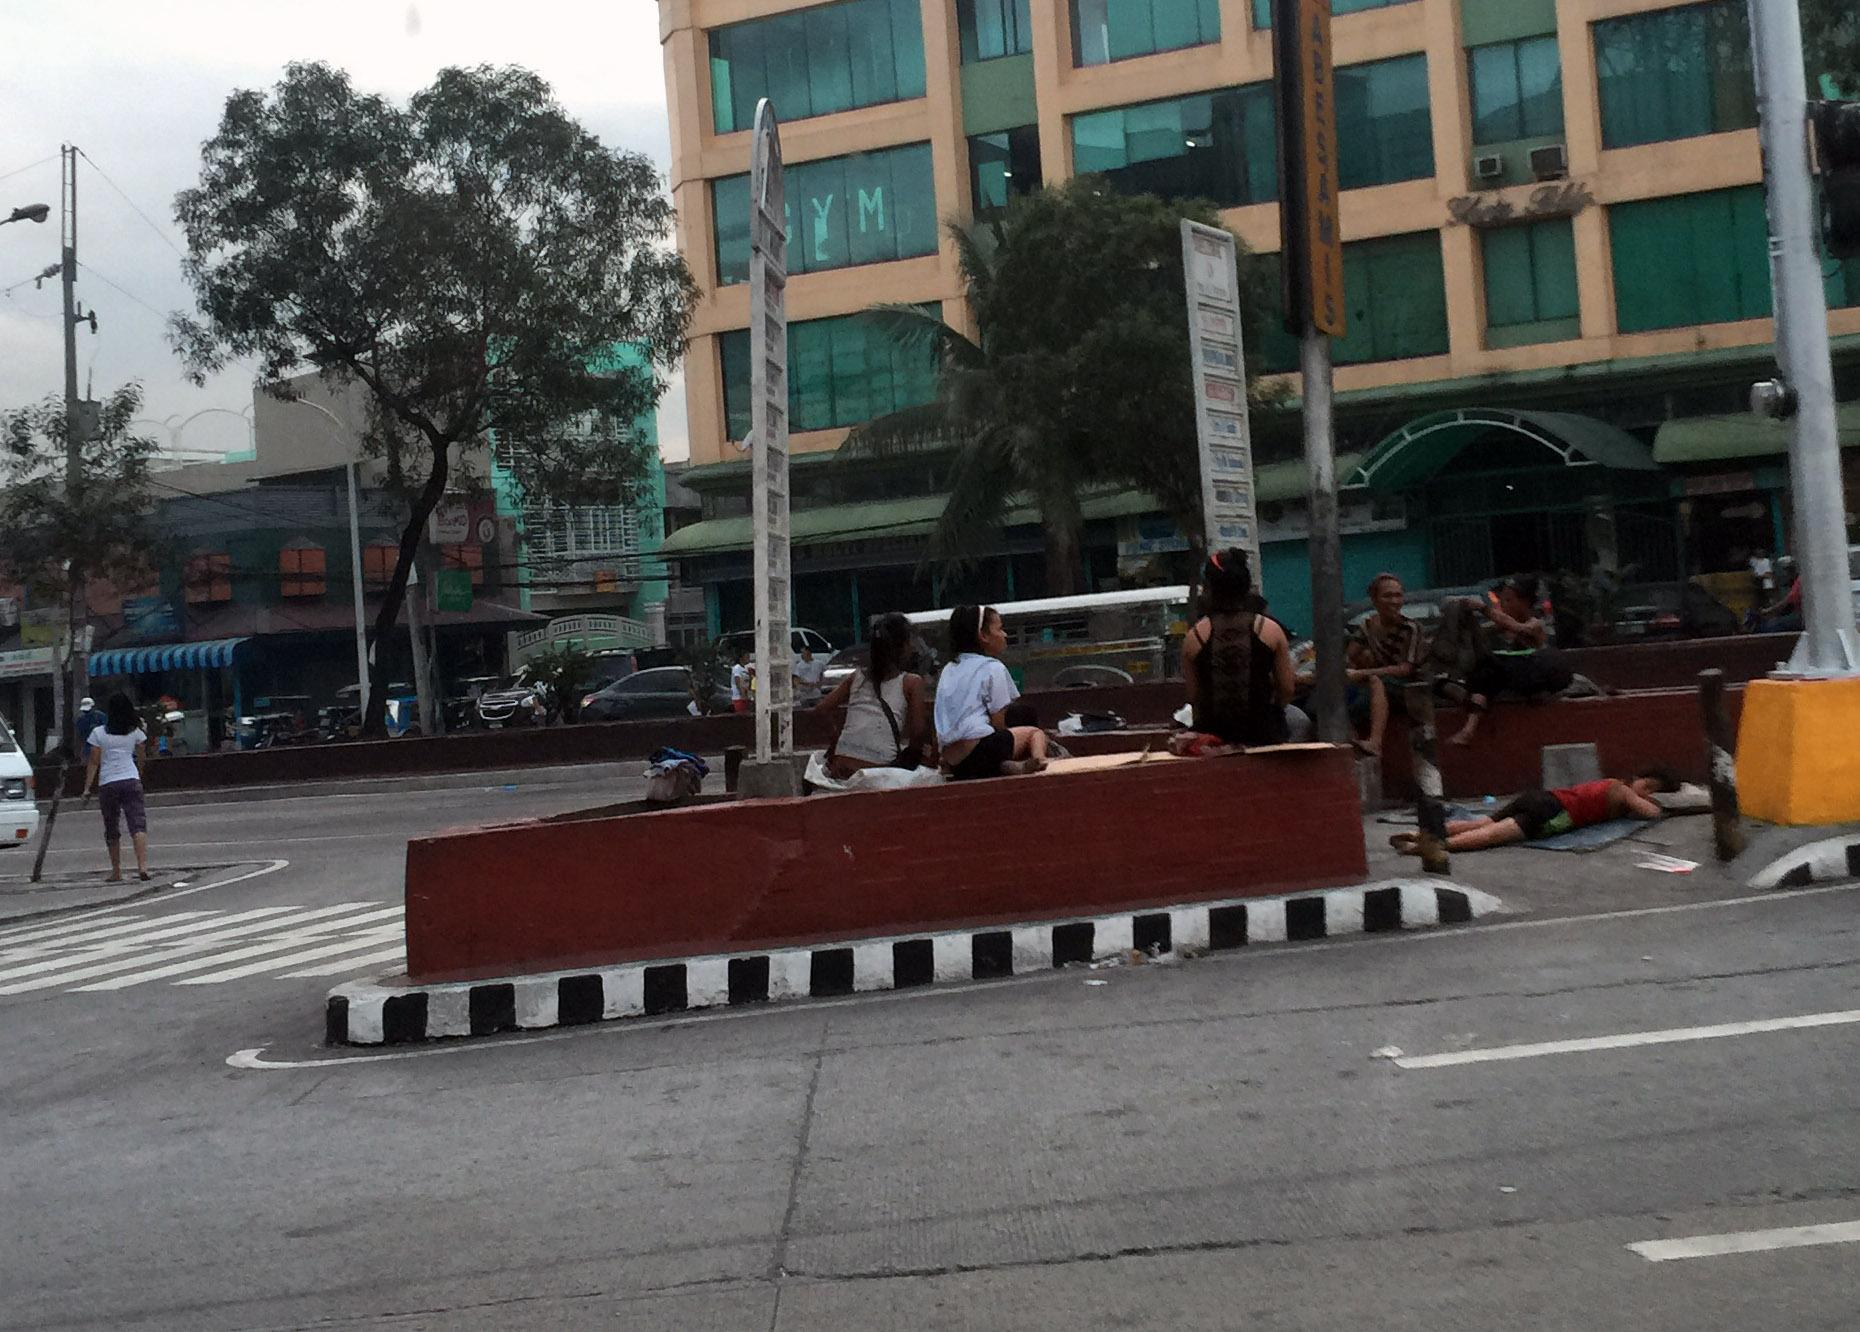 マニラ交差点の路上で寝るストリートチルドレン達